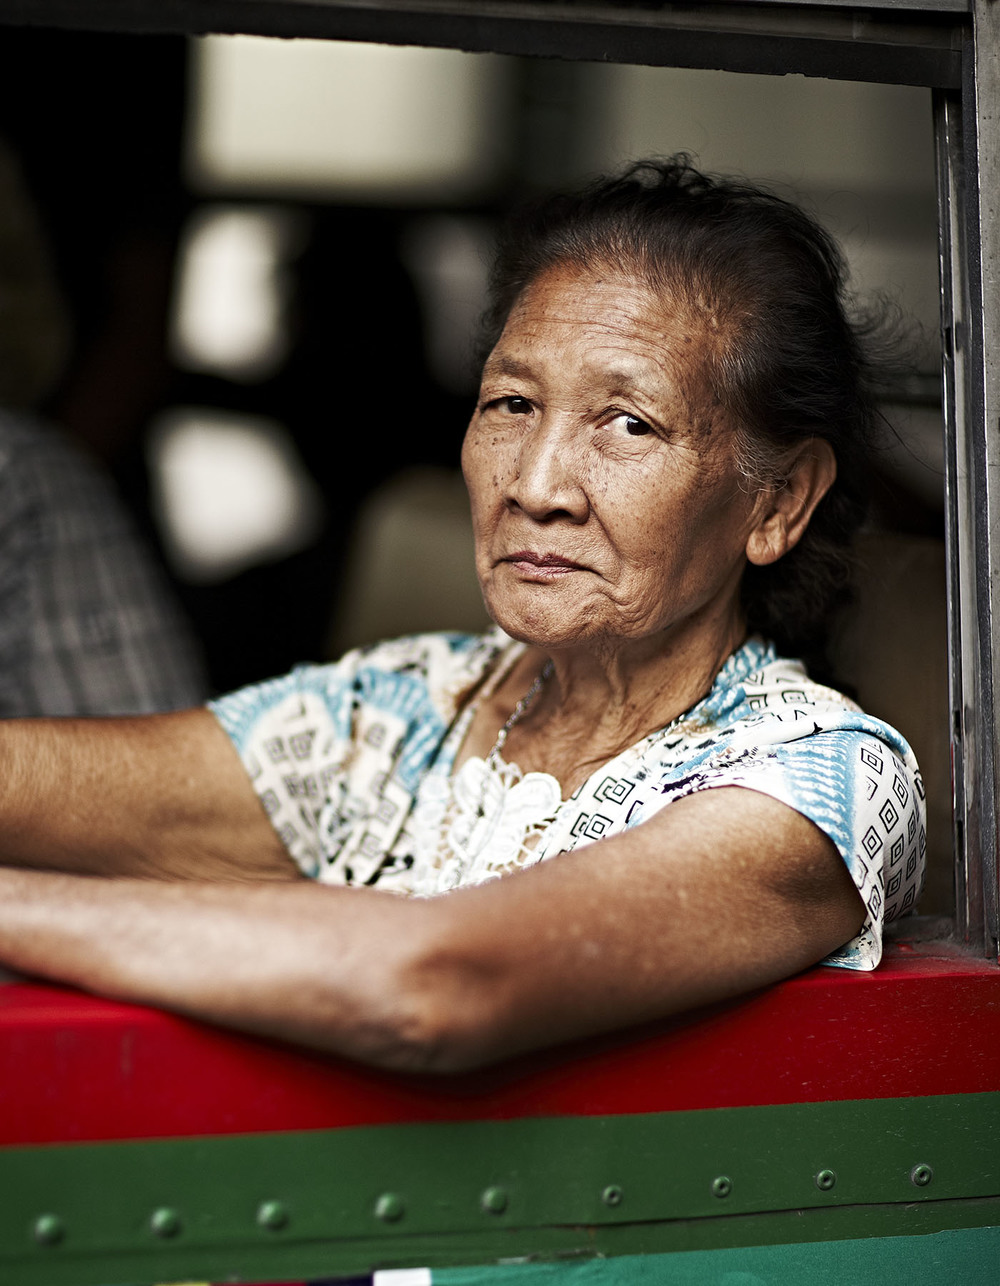 101216_Bangkok_people_0304.jpg